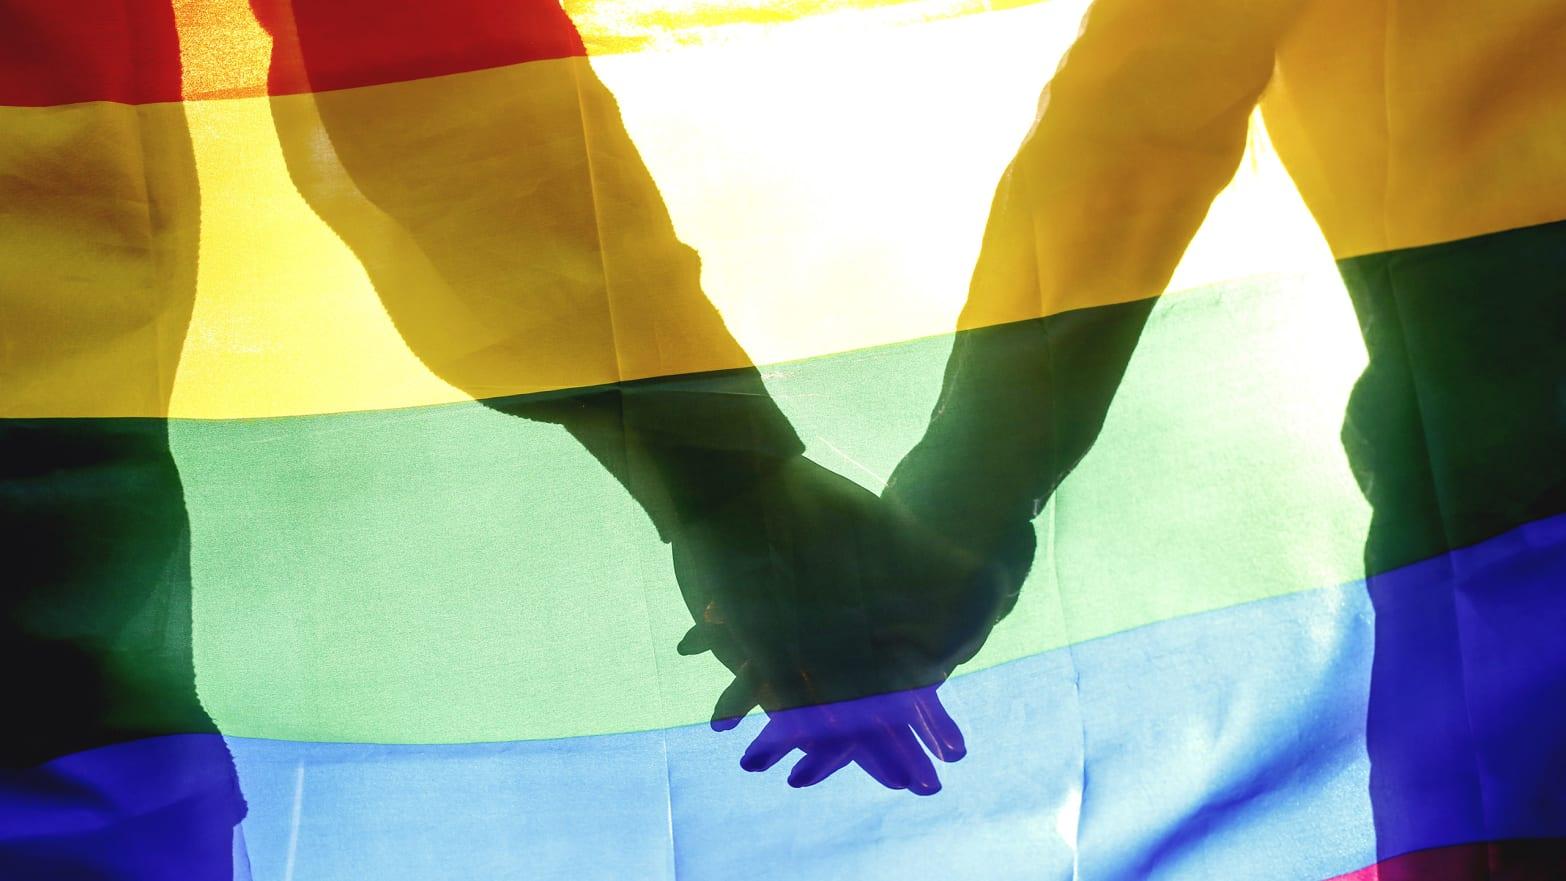 Matrimonio igualitario, cabos sueltos. Una mirada desde el caso Oscar Ugarteche.